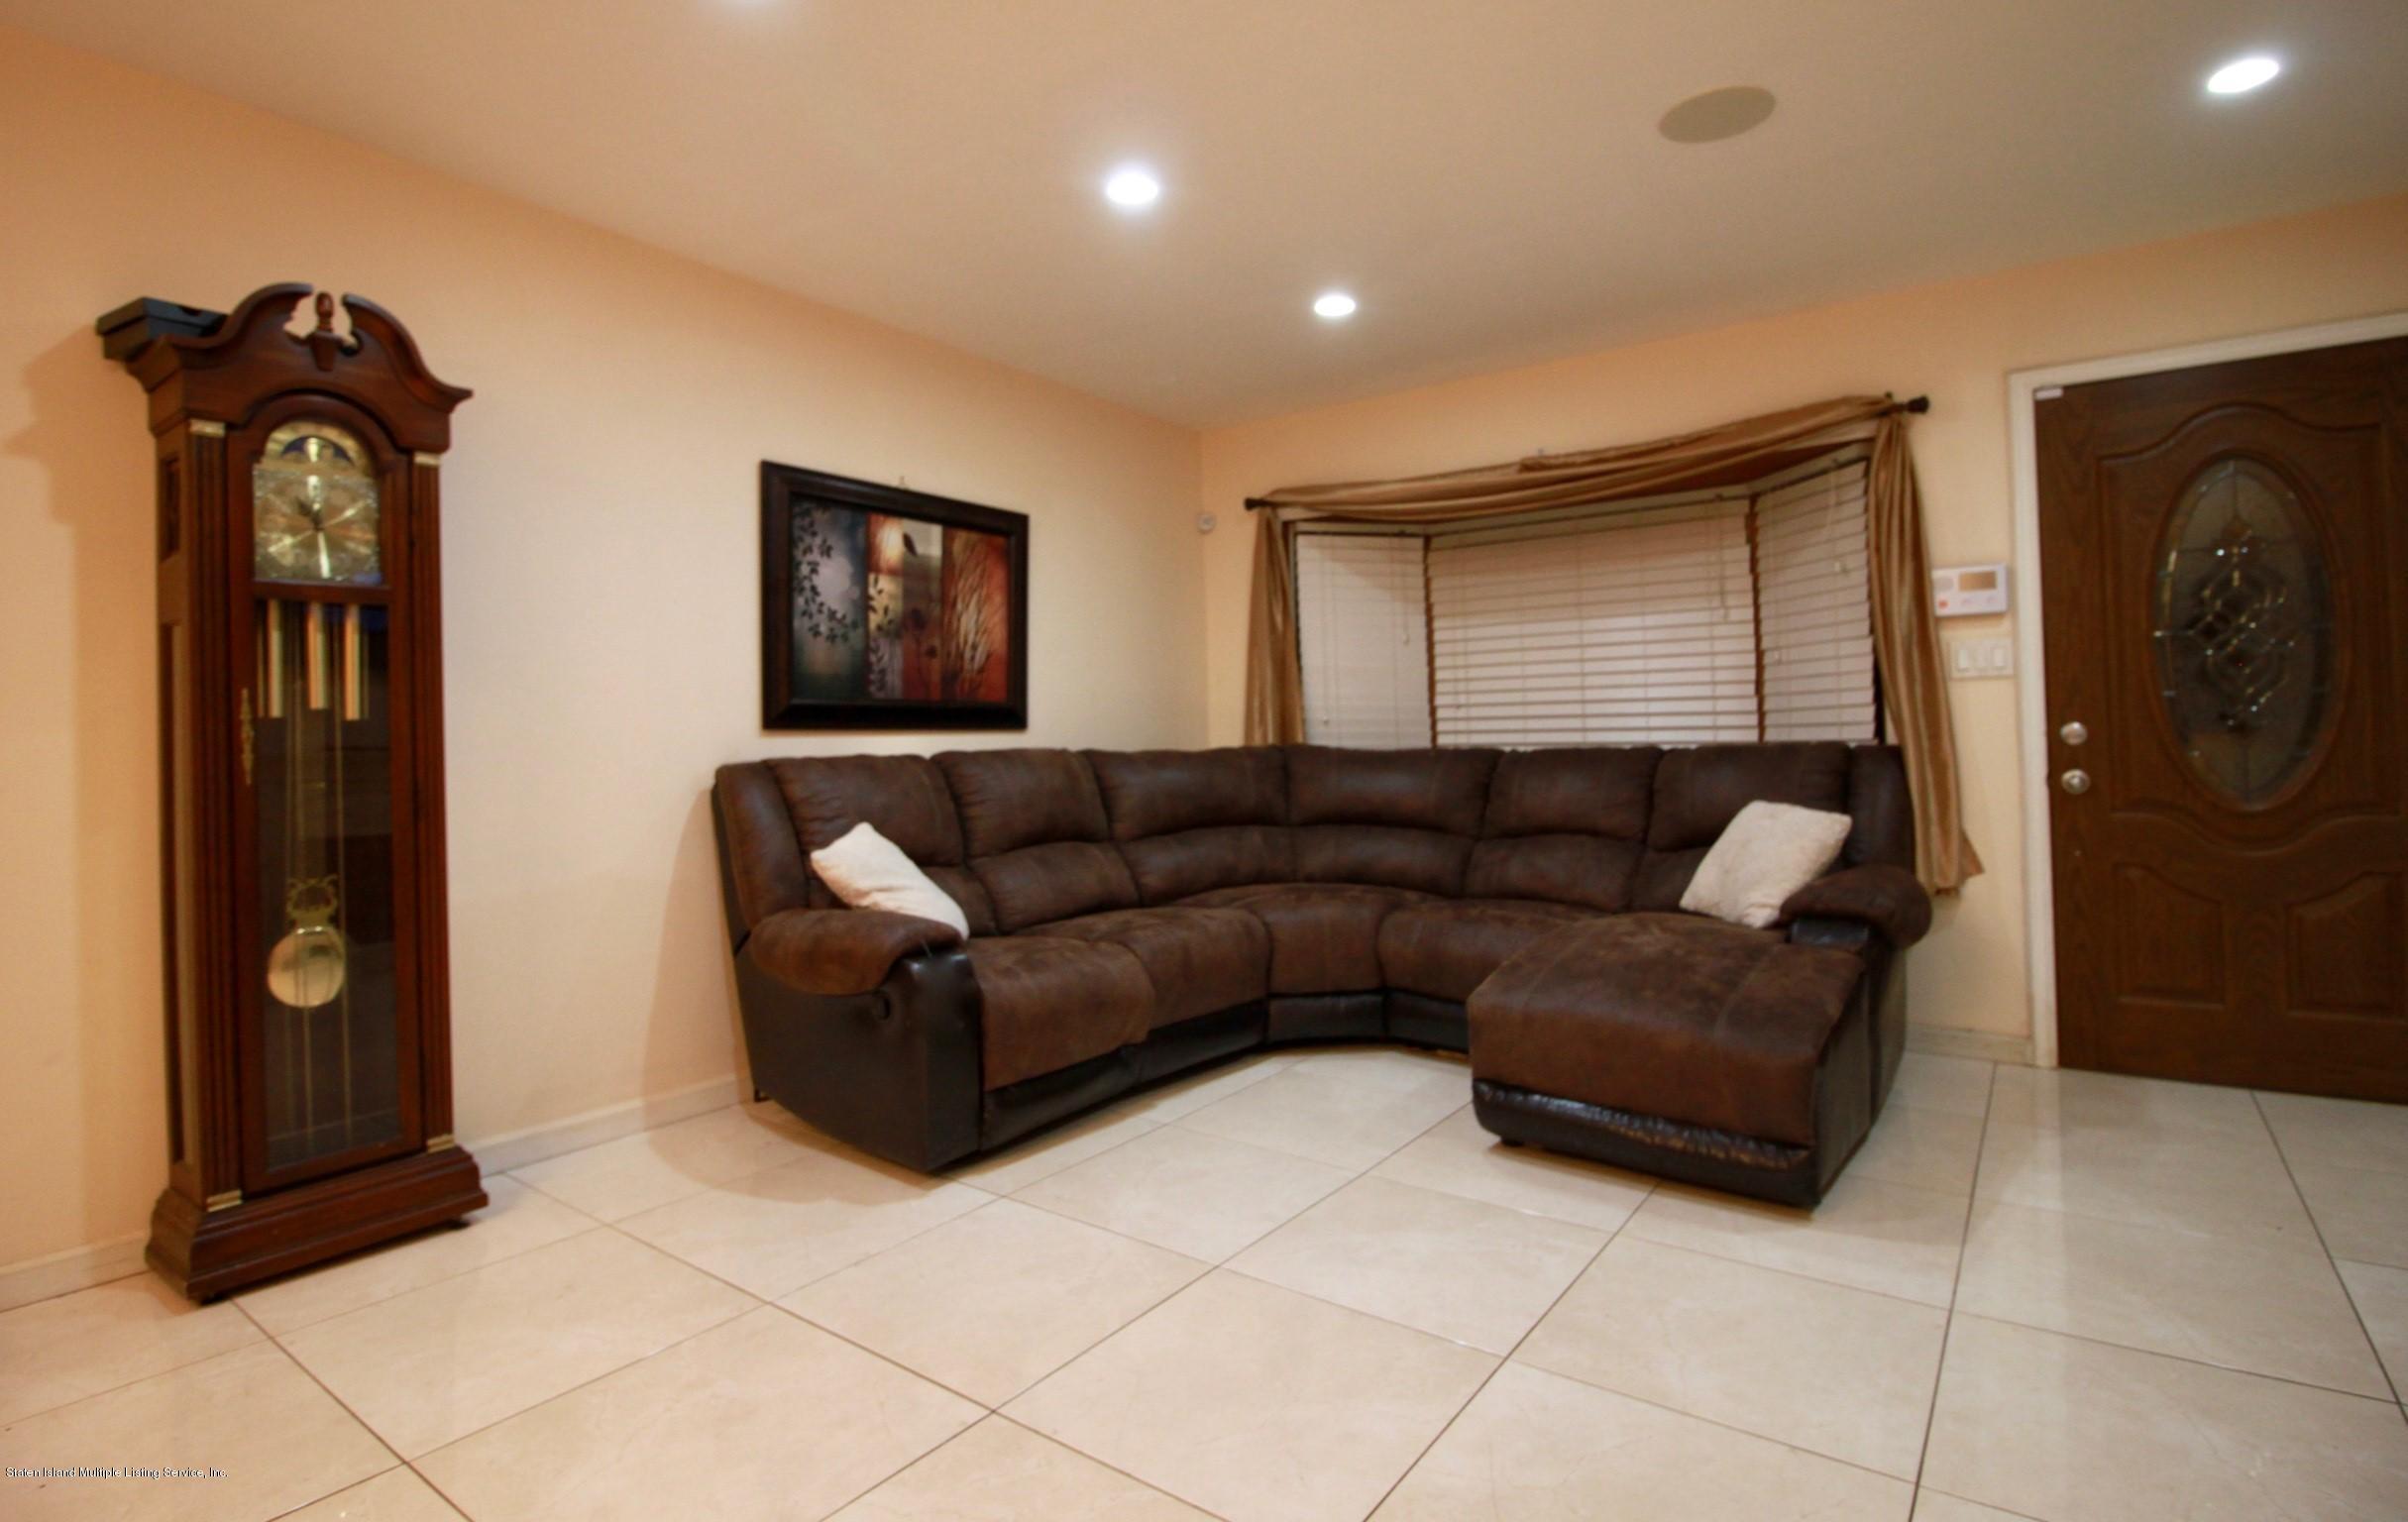 Single Family - Semi-Attached 204 Stobe Avenue  Staten Island, NY 10306, MLS-1124301-5